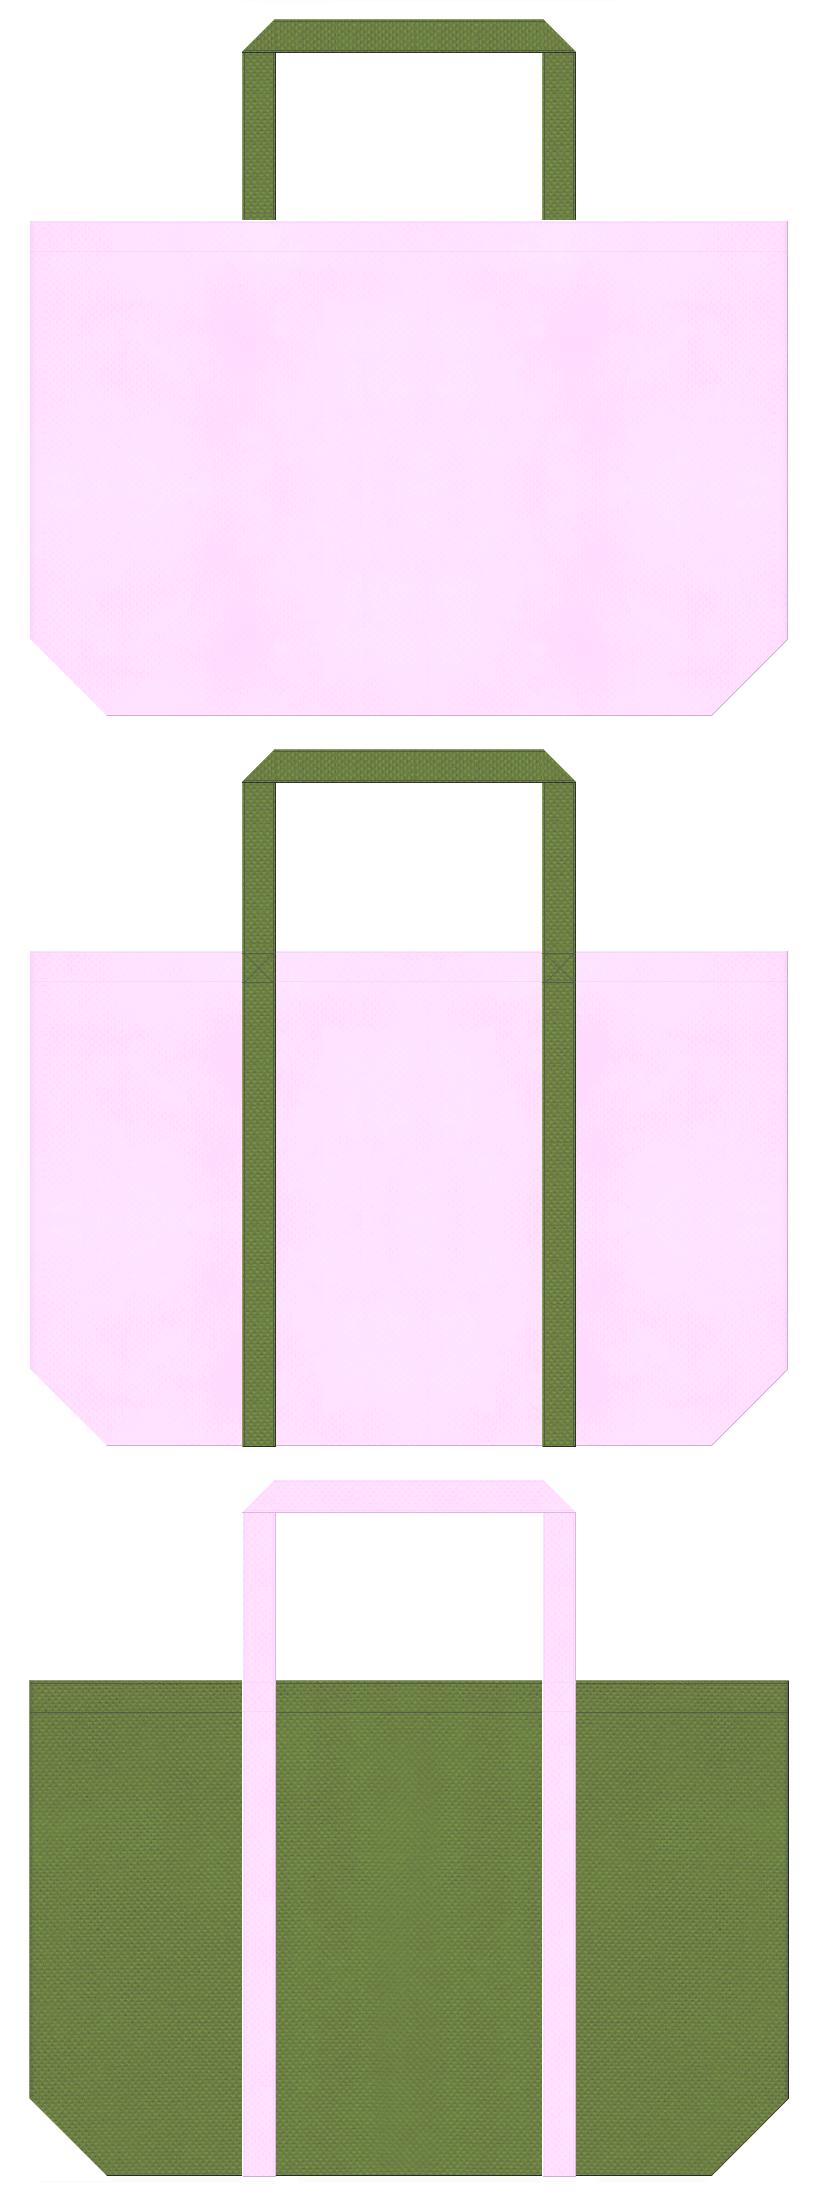 花見・観光・桜餅・三色団子・抹茶・和菓子・和風催事にお奨めの不織布バッグのデザイン:パステルピンク色と草色のコーデ